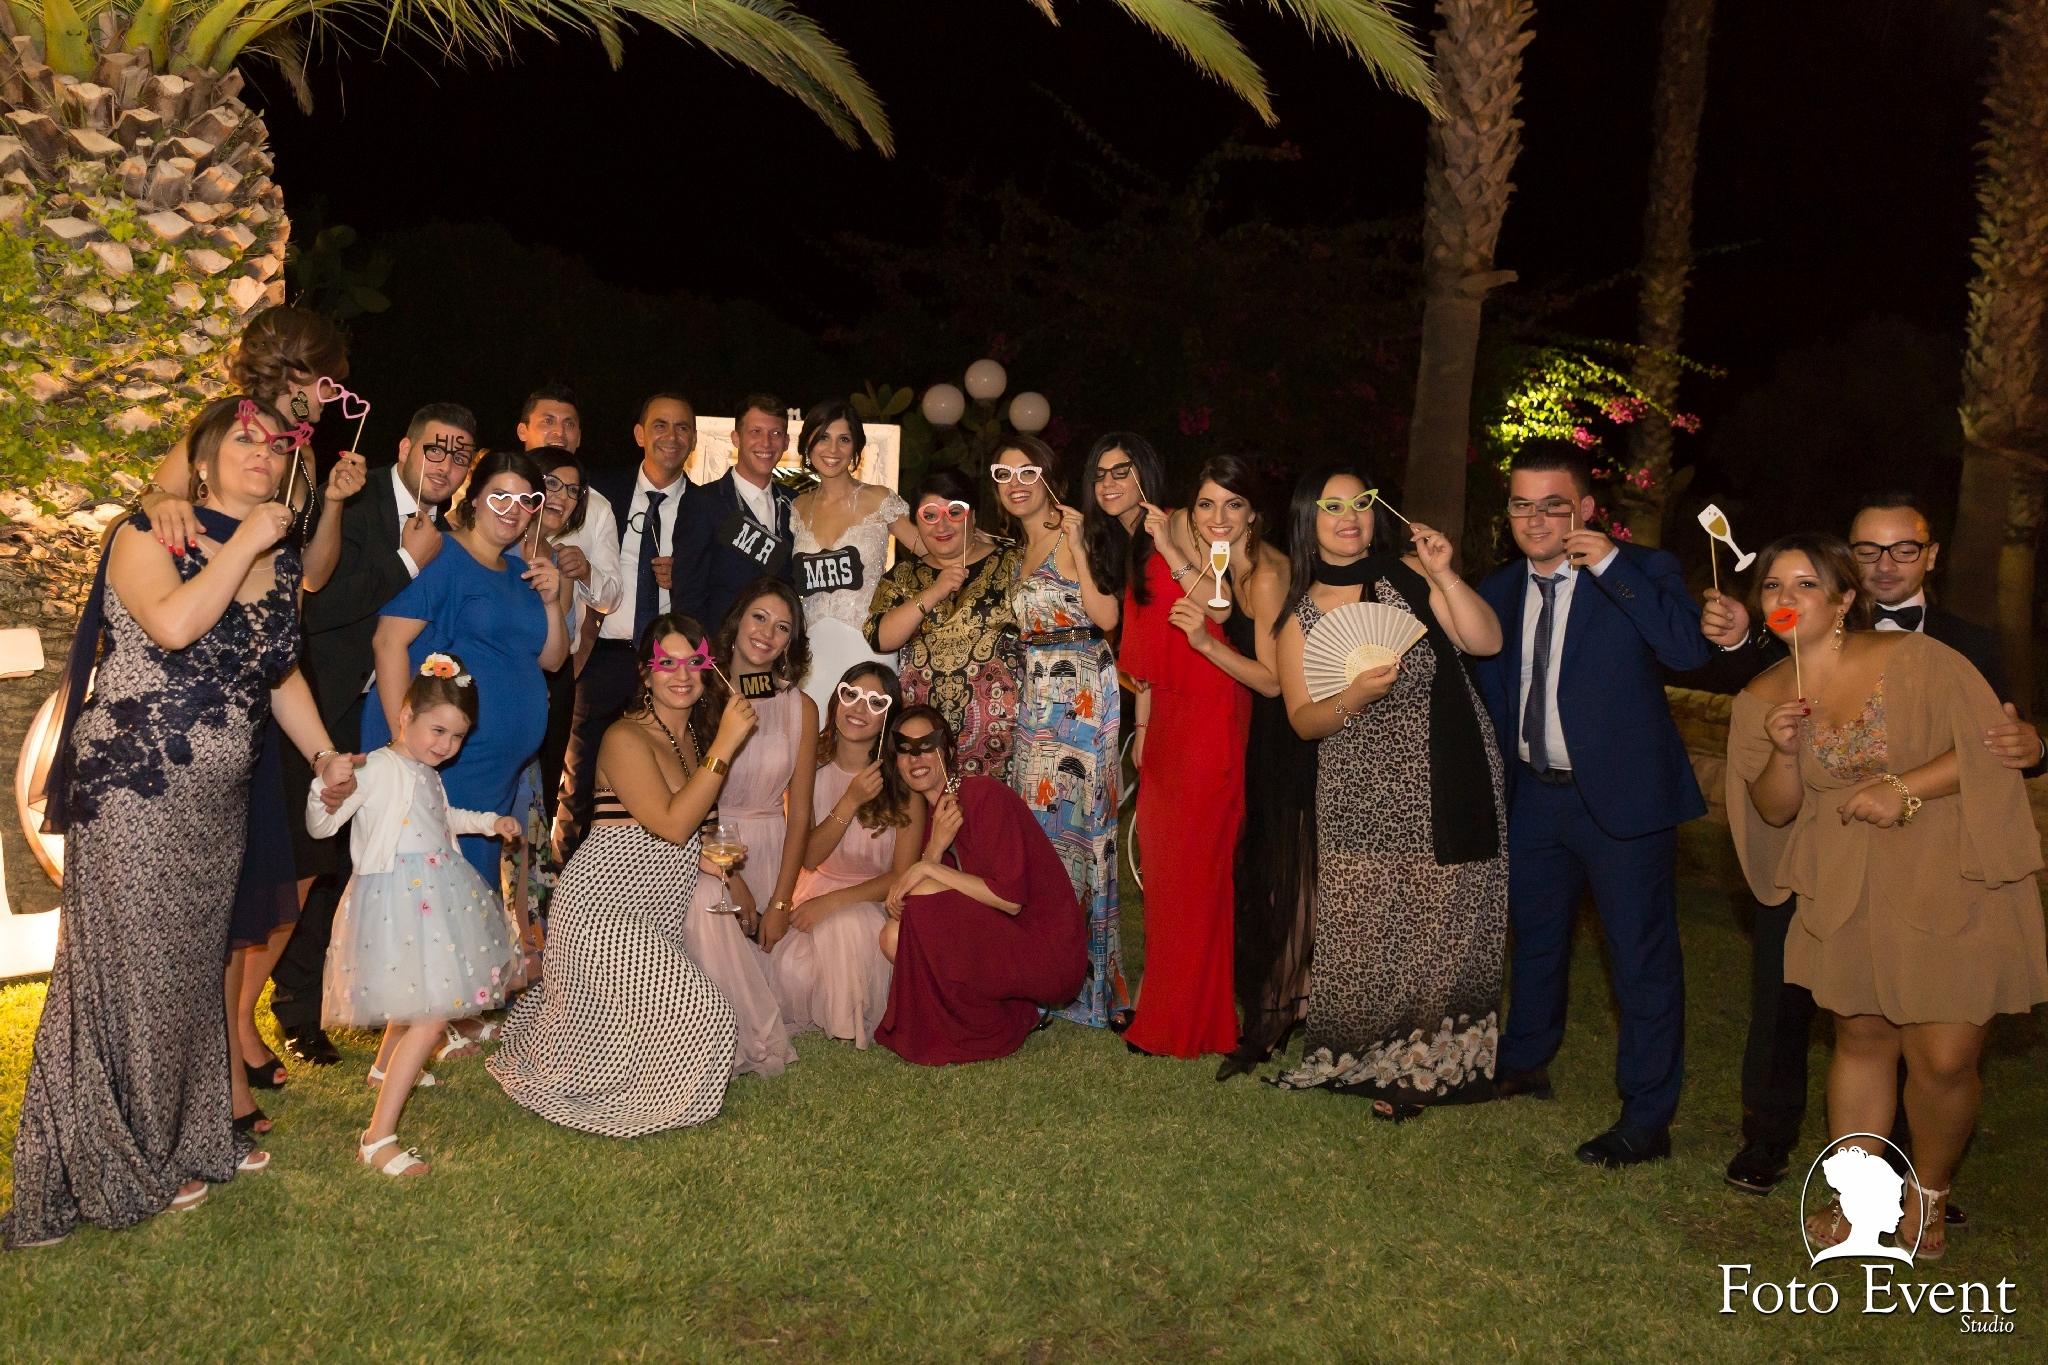 2017-07-21 Matrimonio Adriana e Giuseppe Dorsi 5DE 1715 CD FOTO